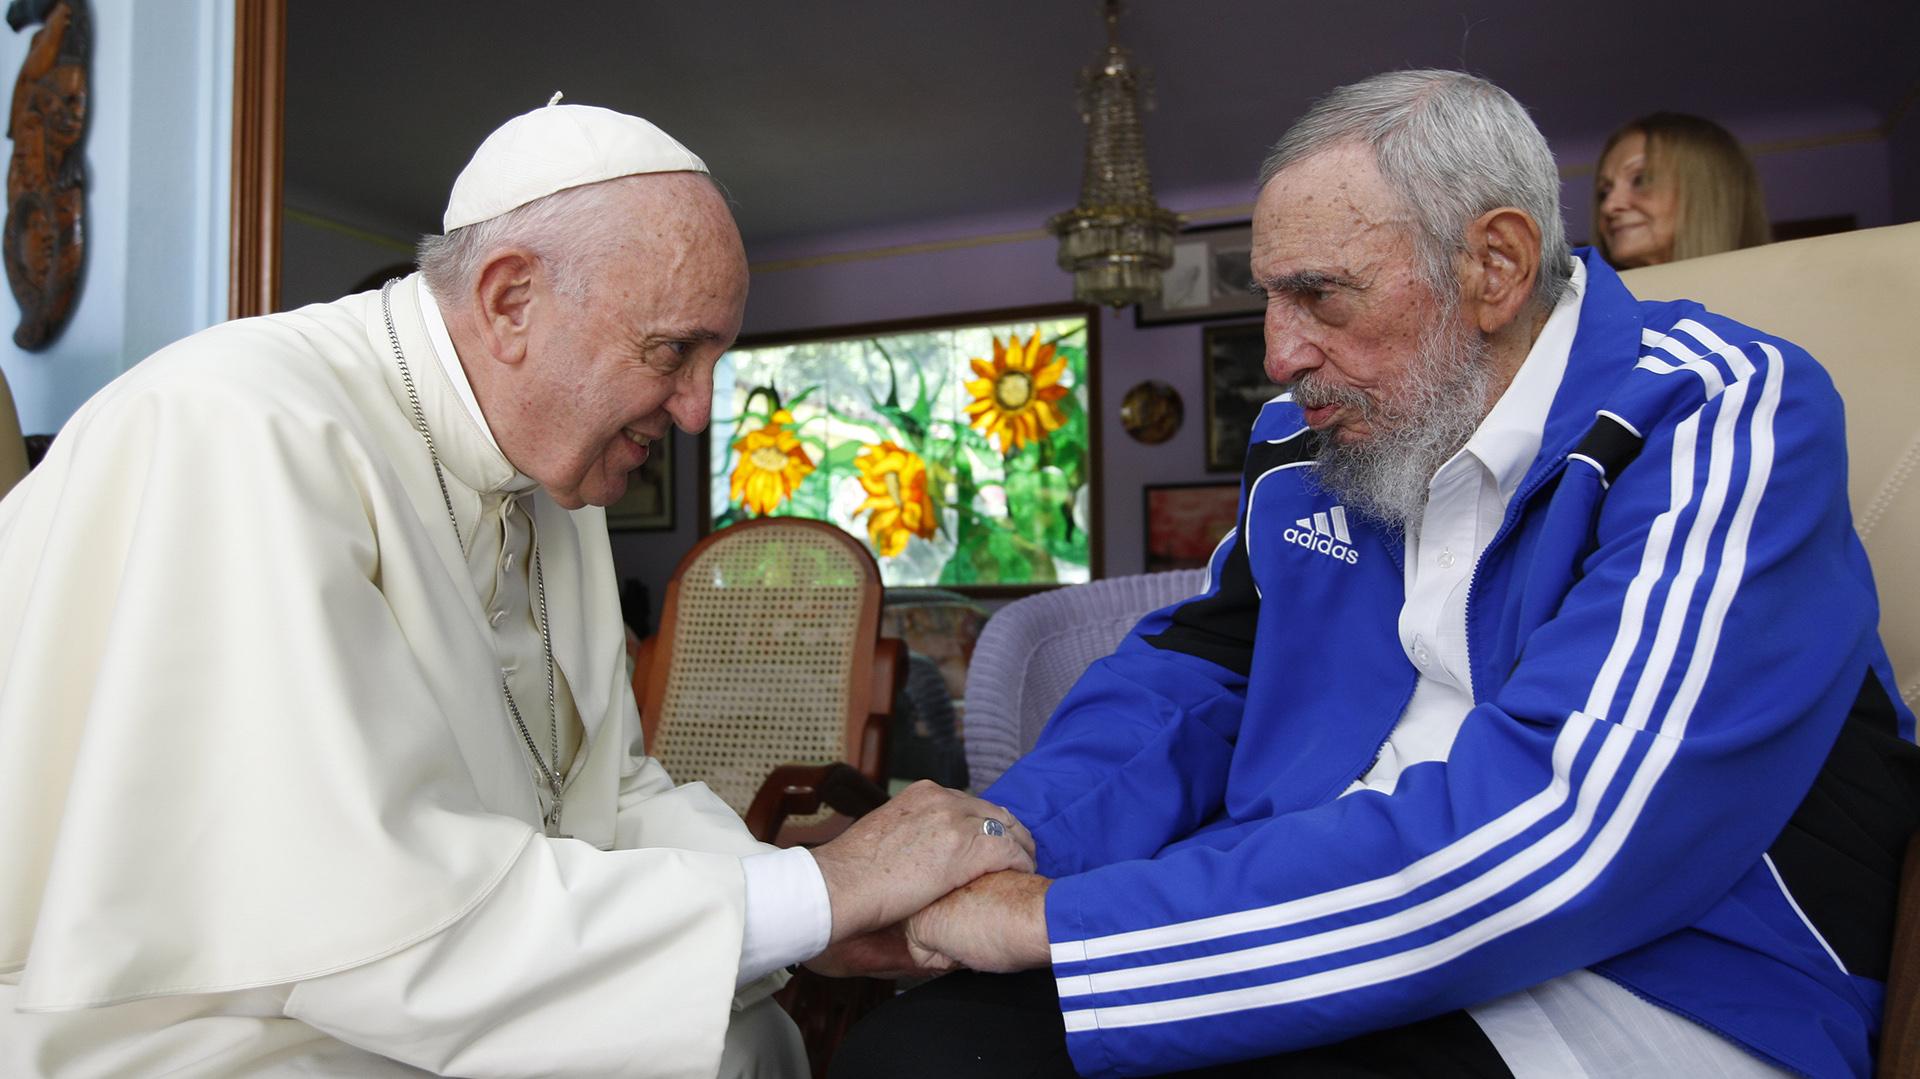 20 de septiembre de 2015: el papa Francisco se encuentra con el dictador cubano Fidel Castro en La Habana